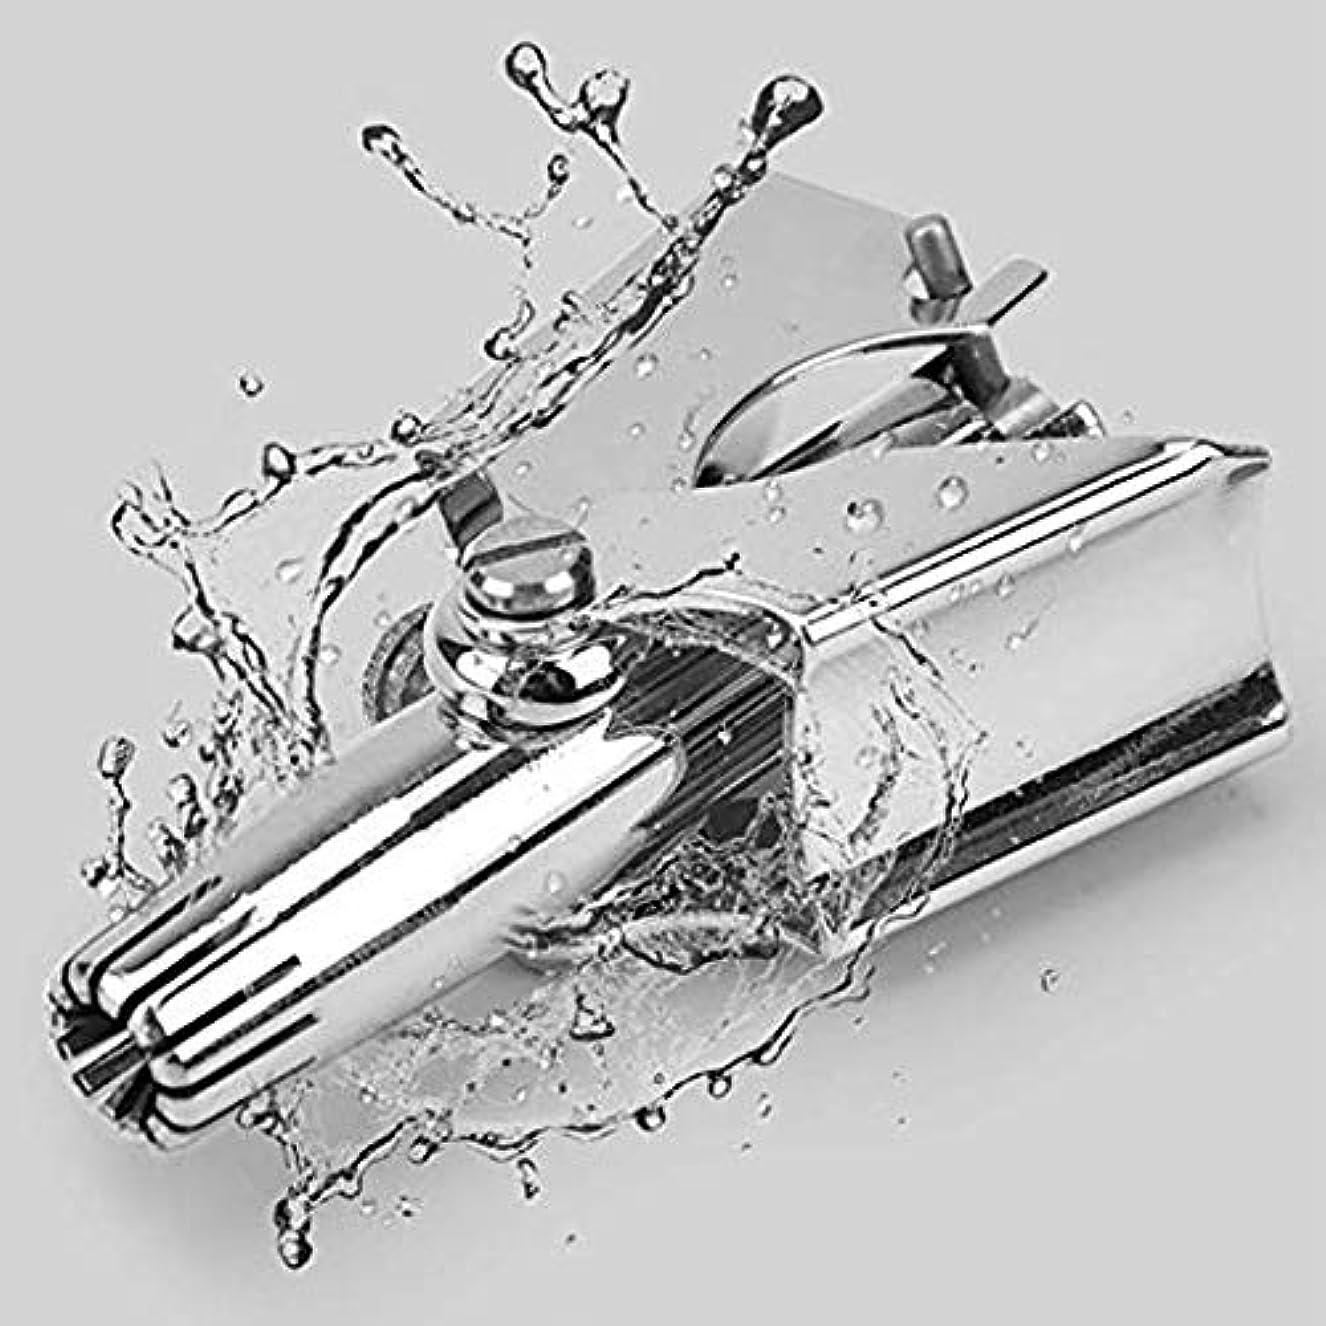 復活ファンタジーフェリー耳と鼻の毛トリマー、男性と女性のための手動鼻毛トリマー、完璧なステンレス鋼の鼻トリマーはさみ-シルバー(バッテリー不要) (Color : Silver)